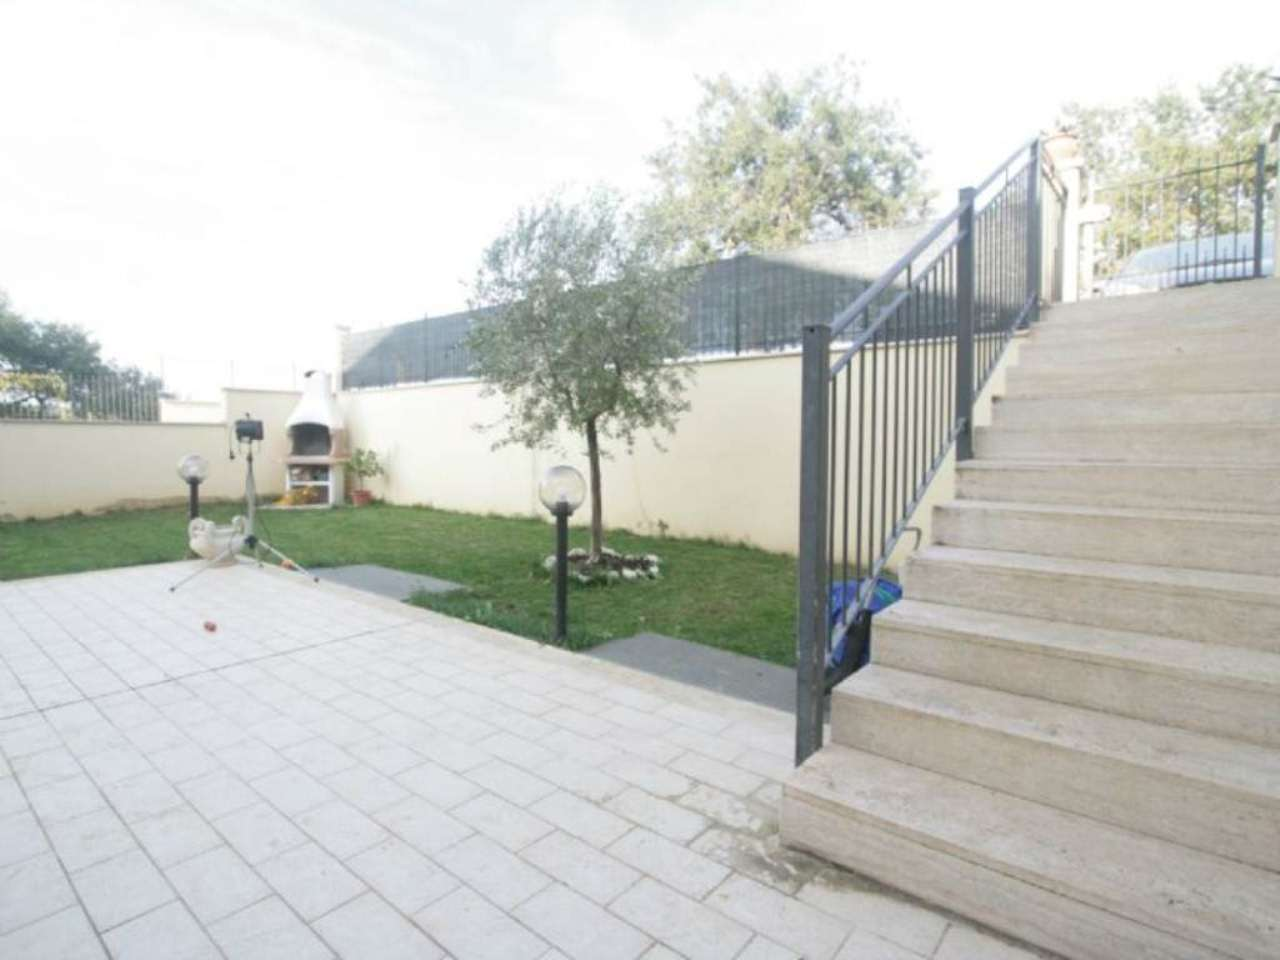 Appartamento in vendita a Potenza Picena, 3 locali, prezzo € 109.000 | Cambio Casa.it